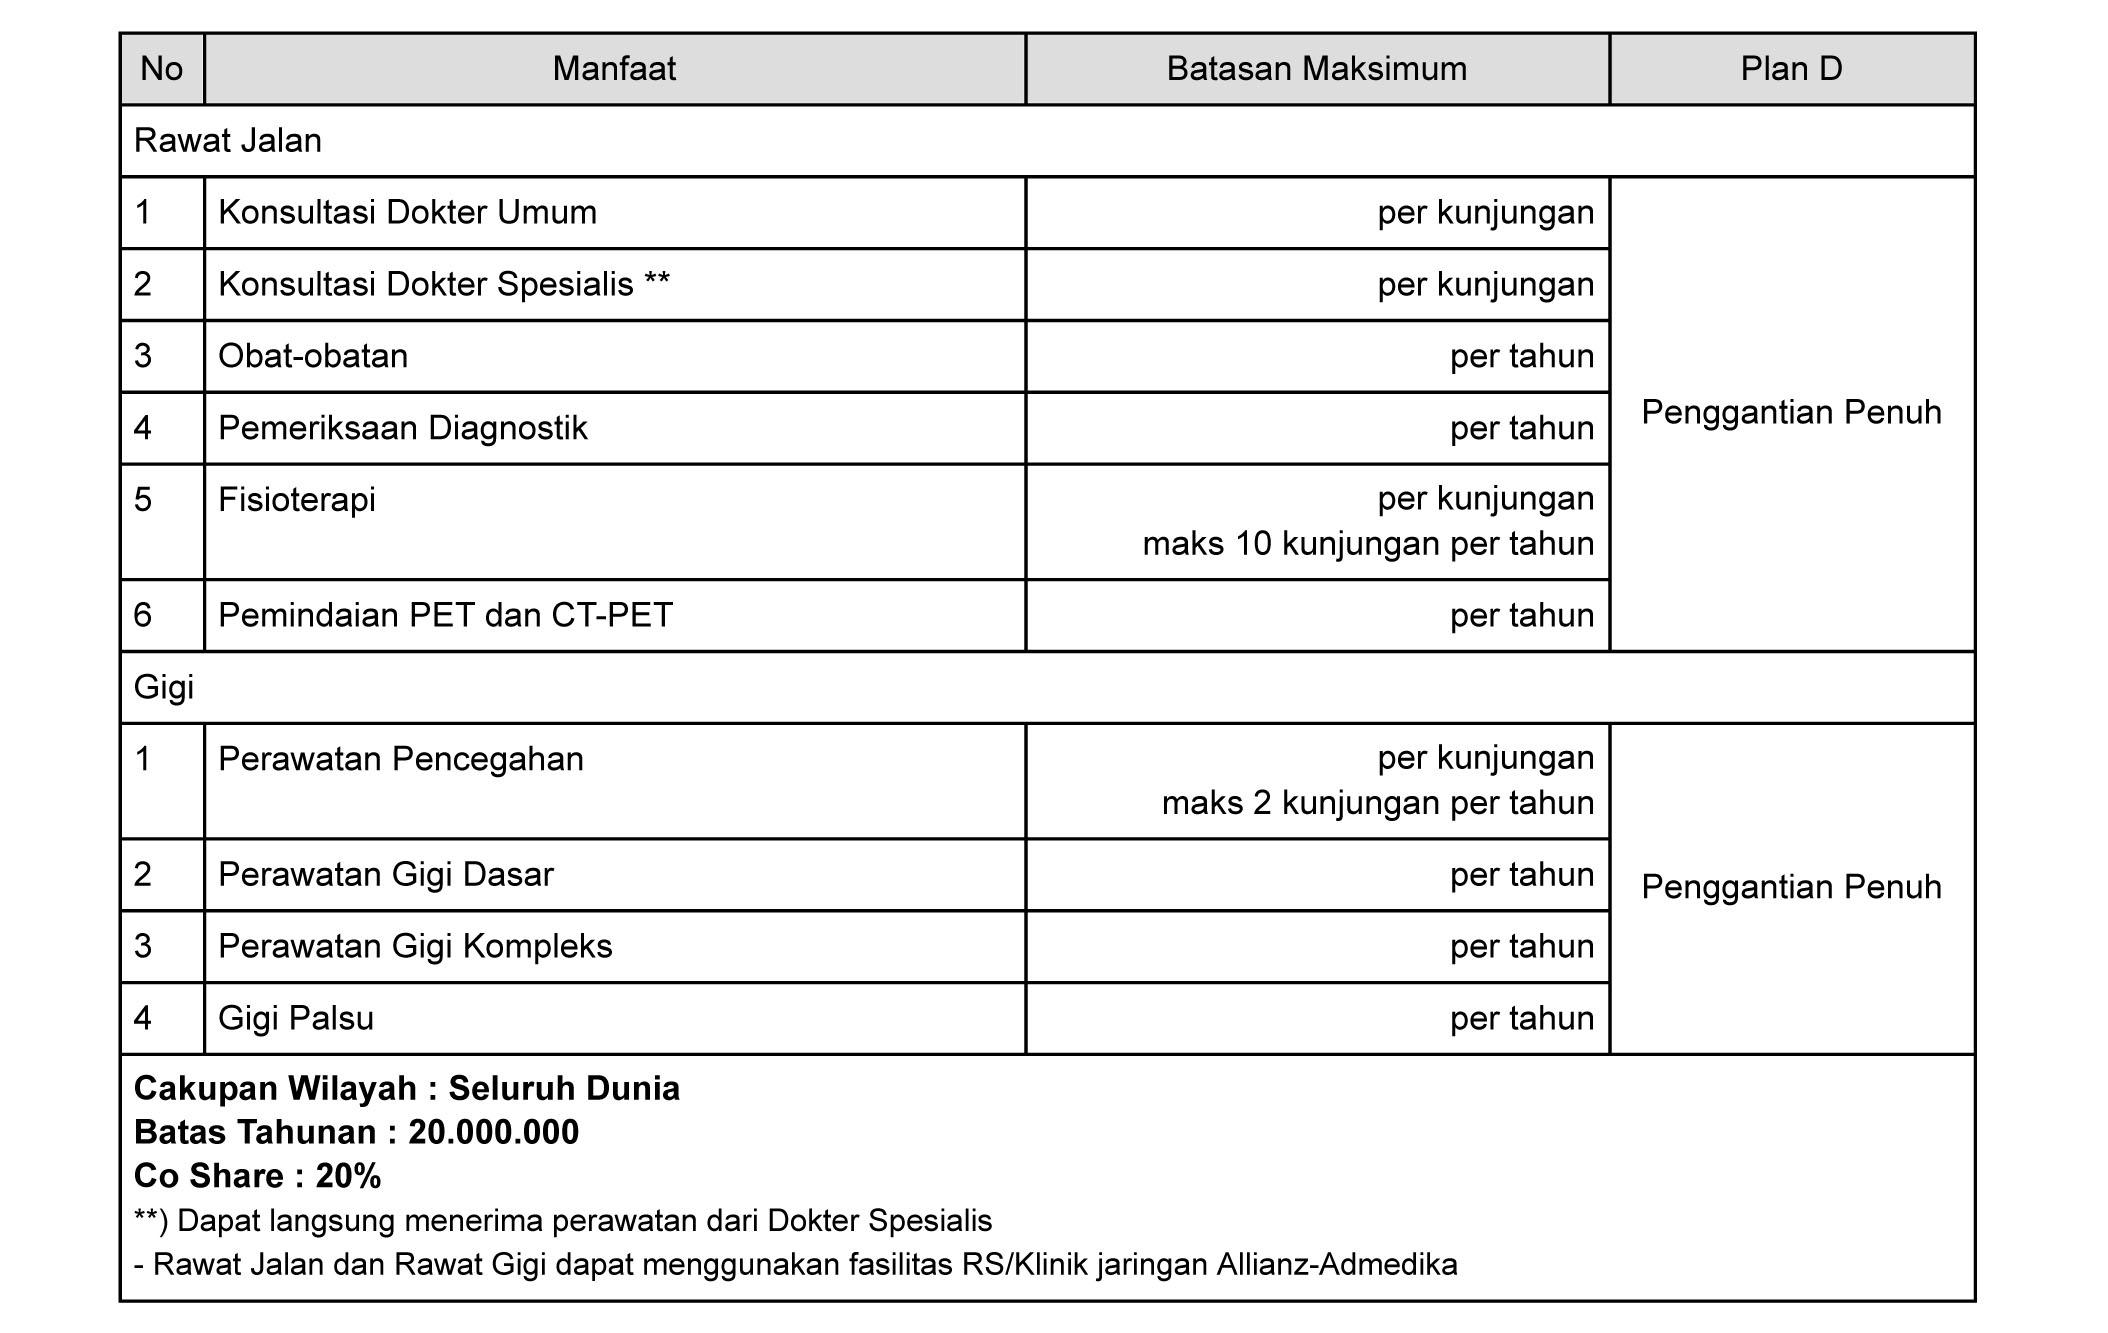 tabel manfaat asuransi rawat gigi smartmed premier plan D